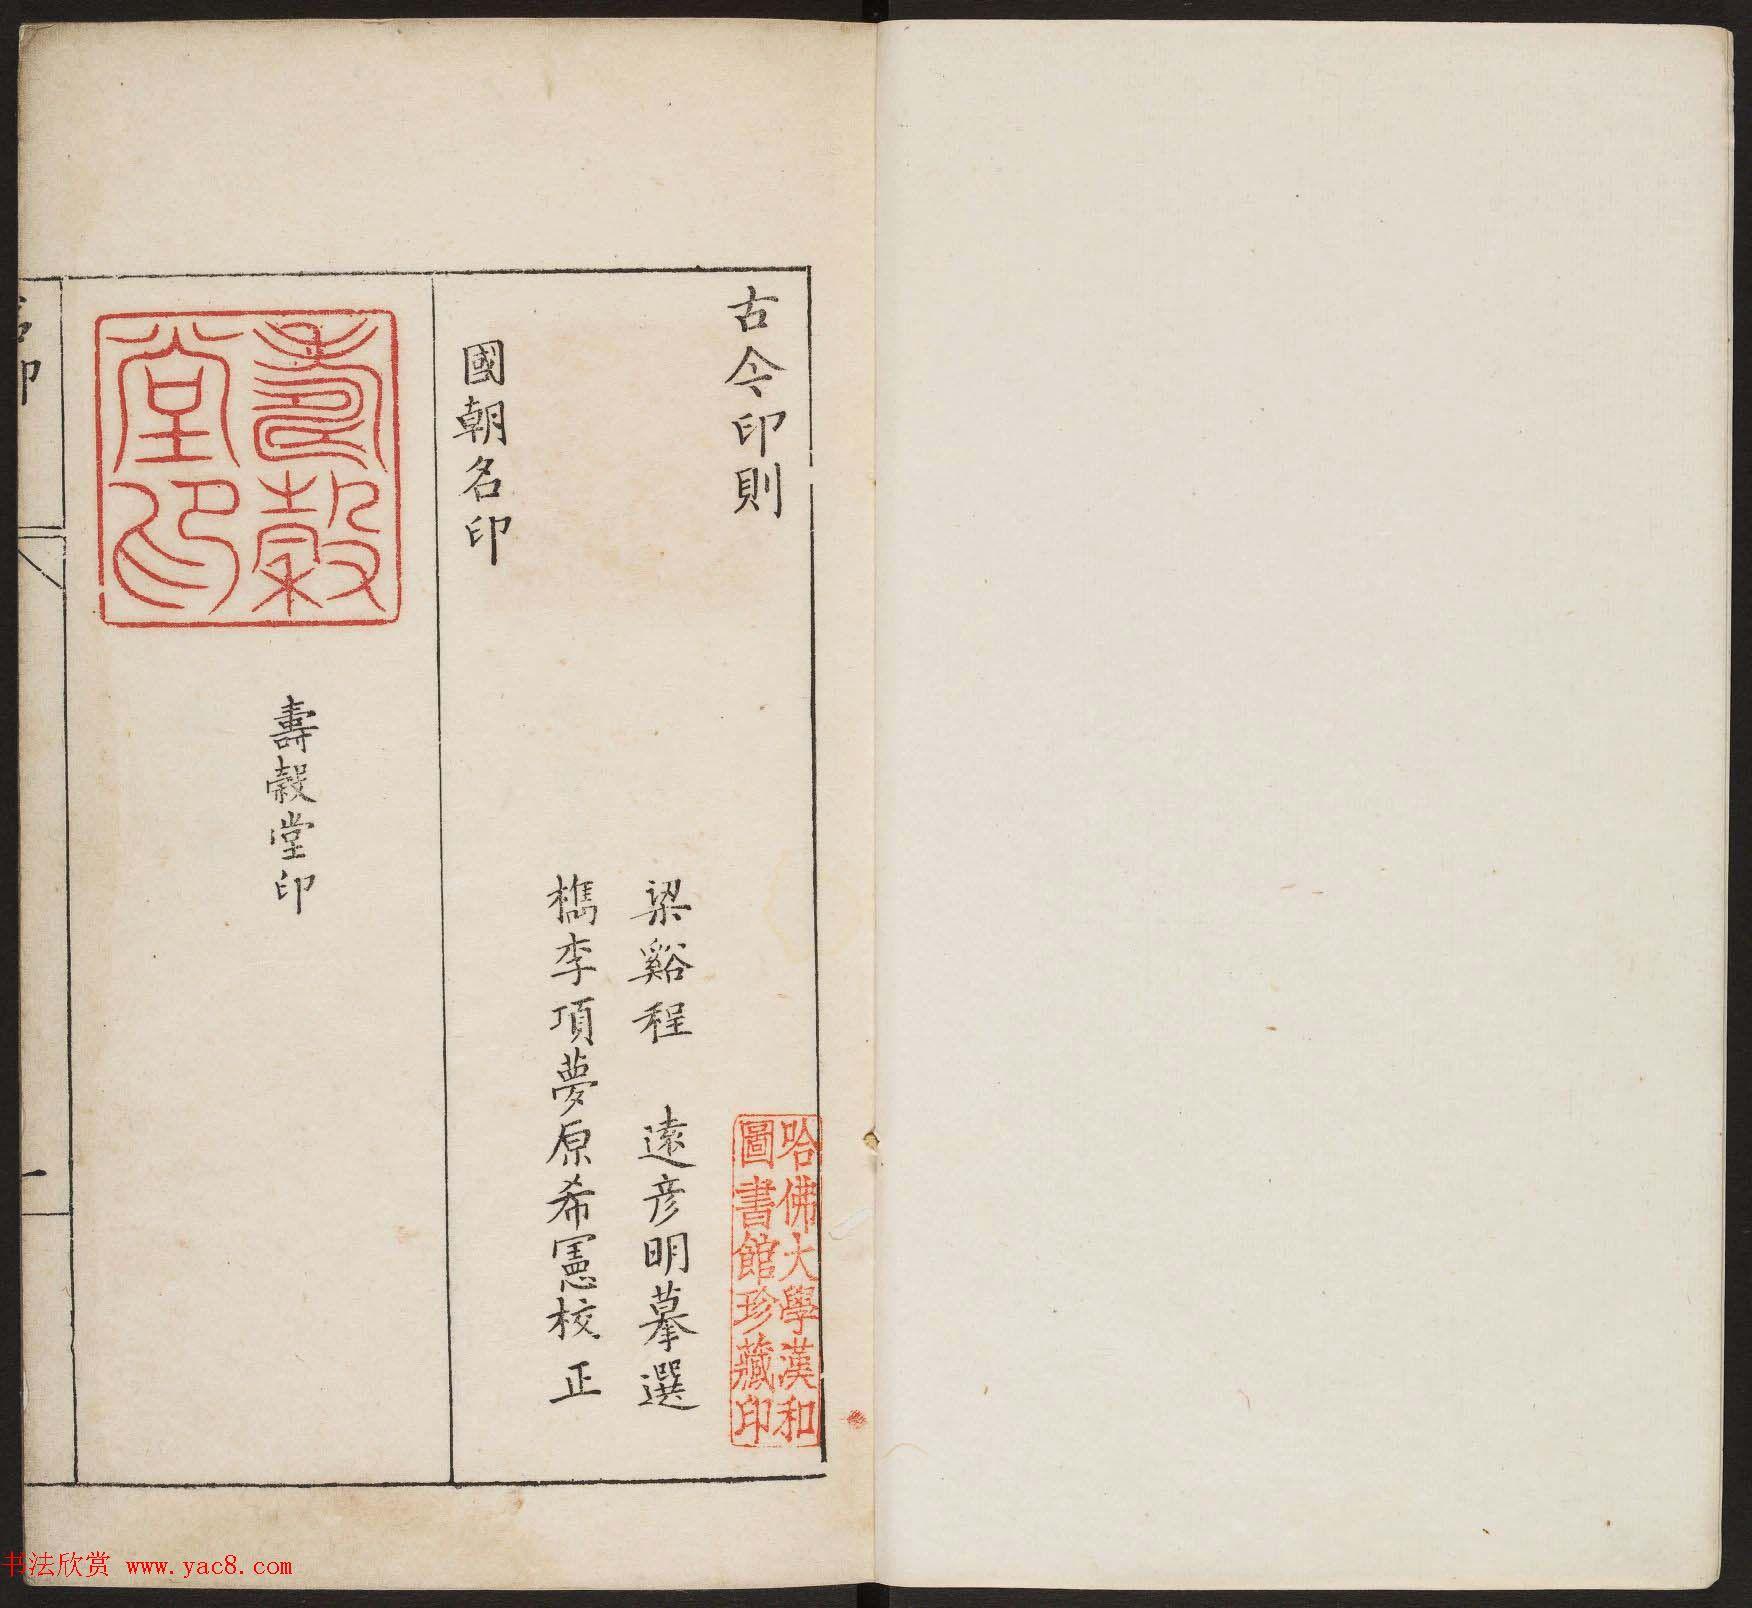 明代篆刻作品欣赏《古今印则》四卷合辑